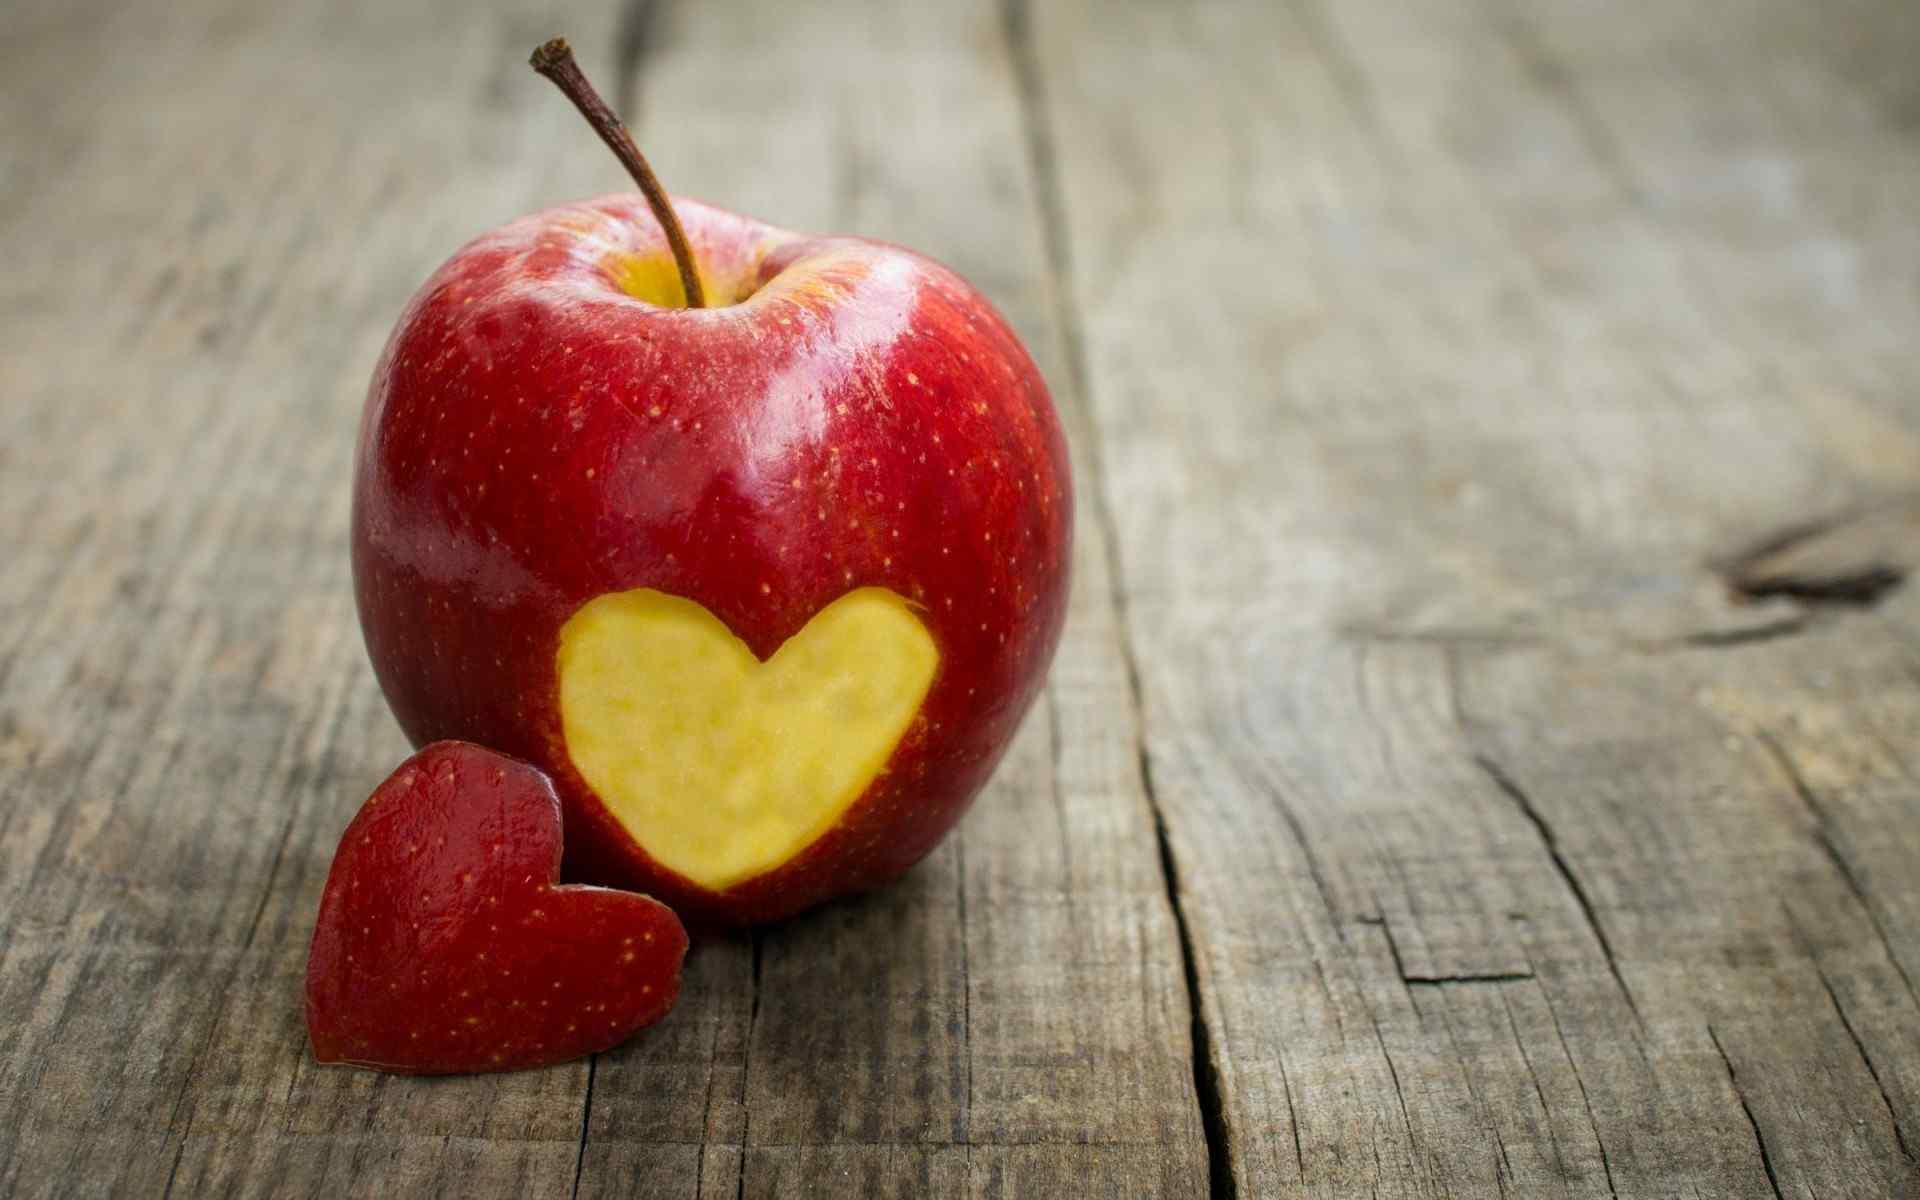 夏季清凉红苹果唯美意境高清桌面壁纸第二辑